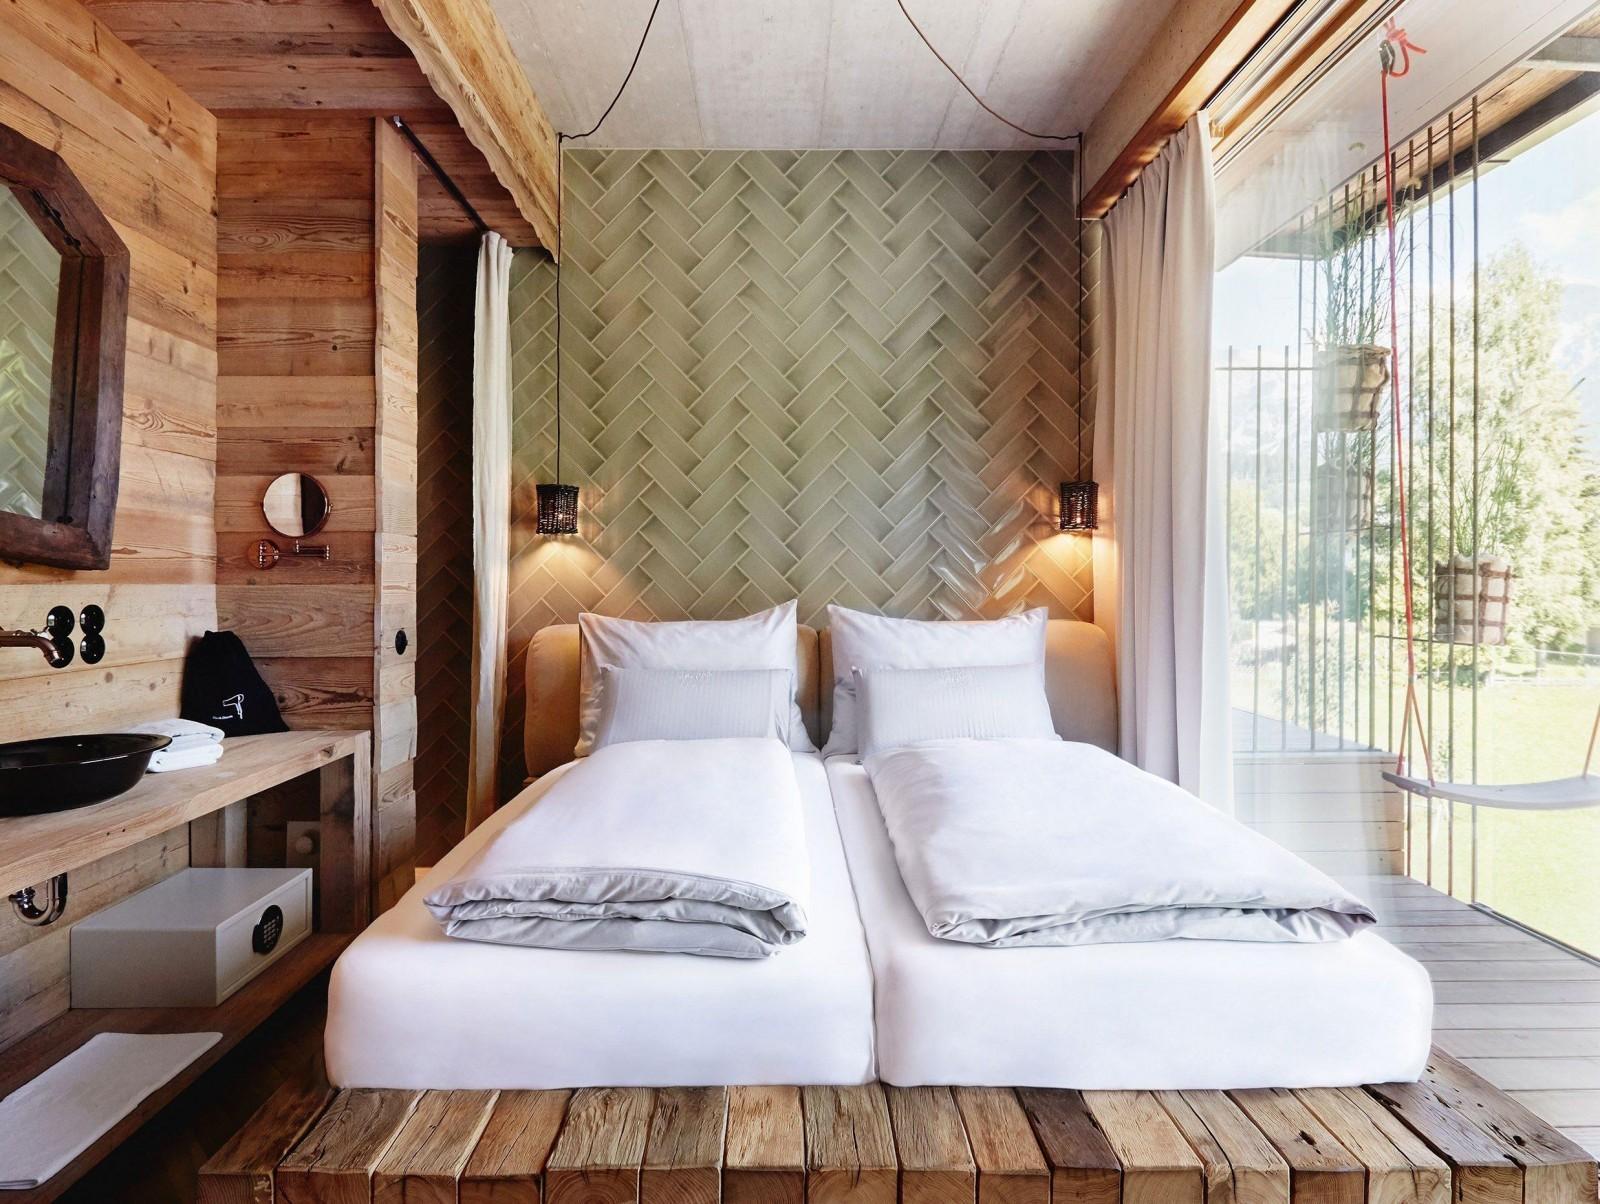 Gesunder Komfort in Zimmern mit reichlich Holz